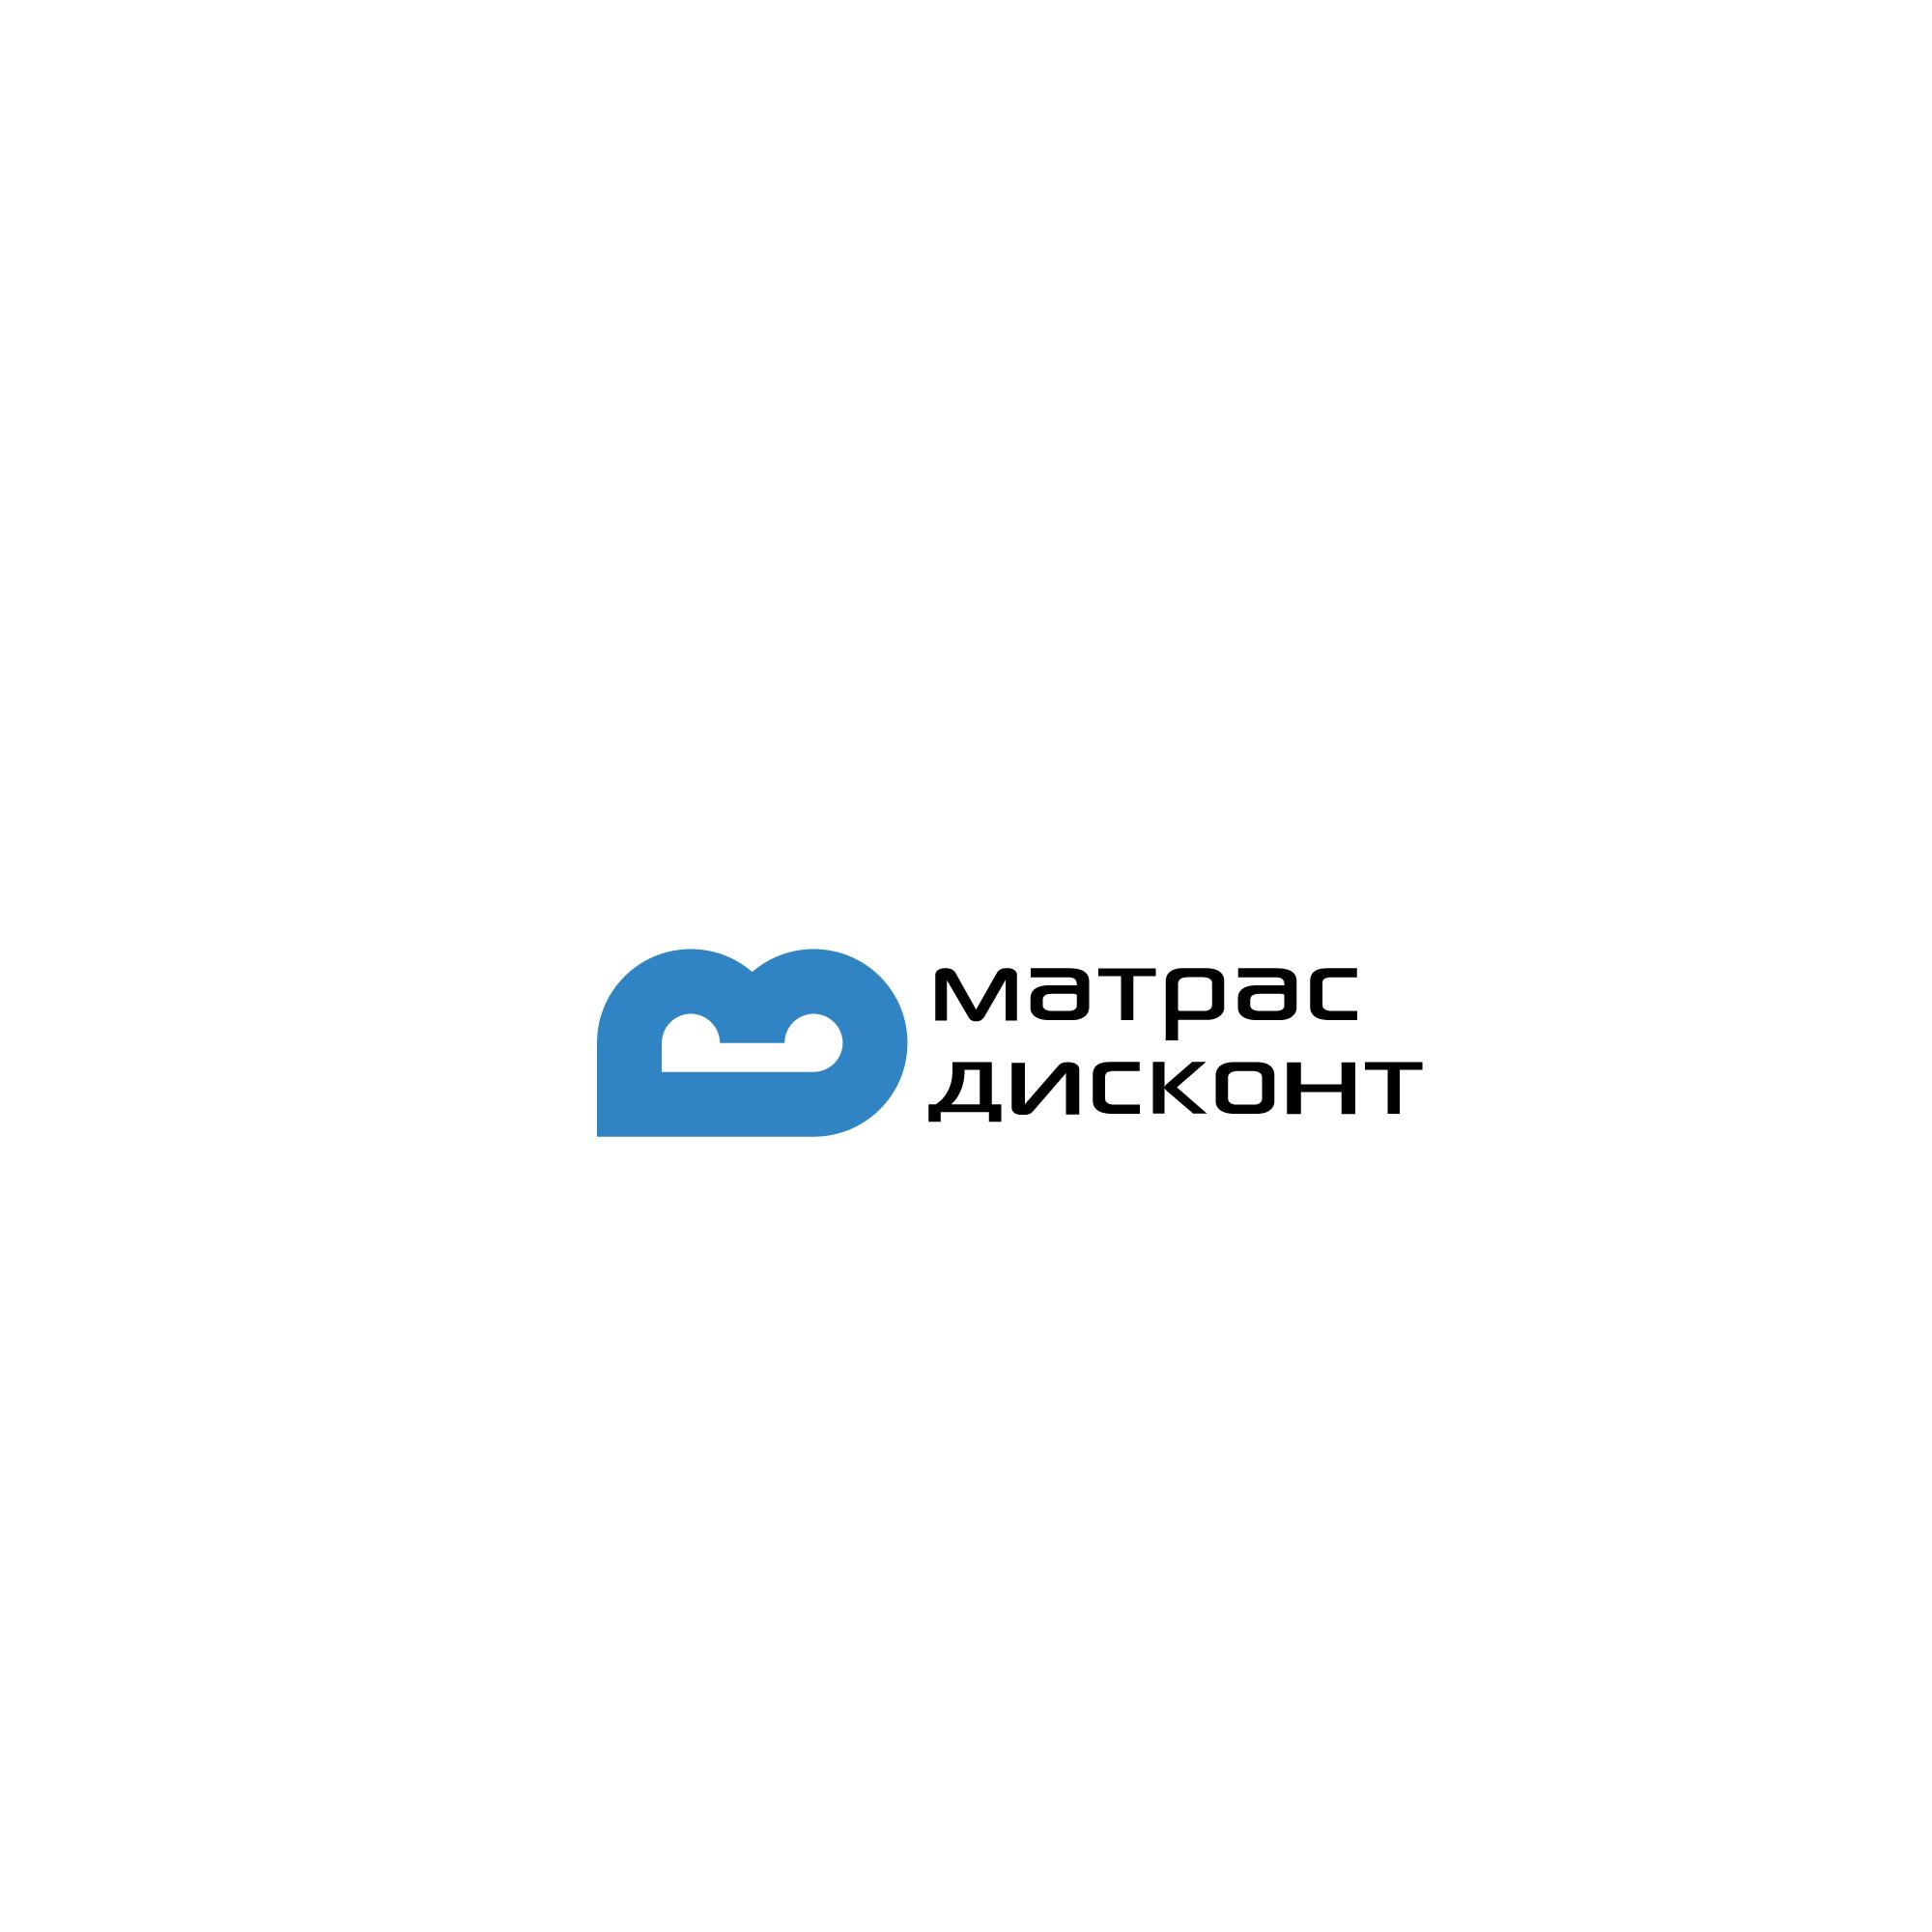 Логотип для ИМ матрасов фото f_0045c8687ec7ab8d.jpg